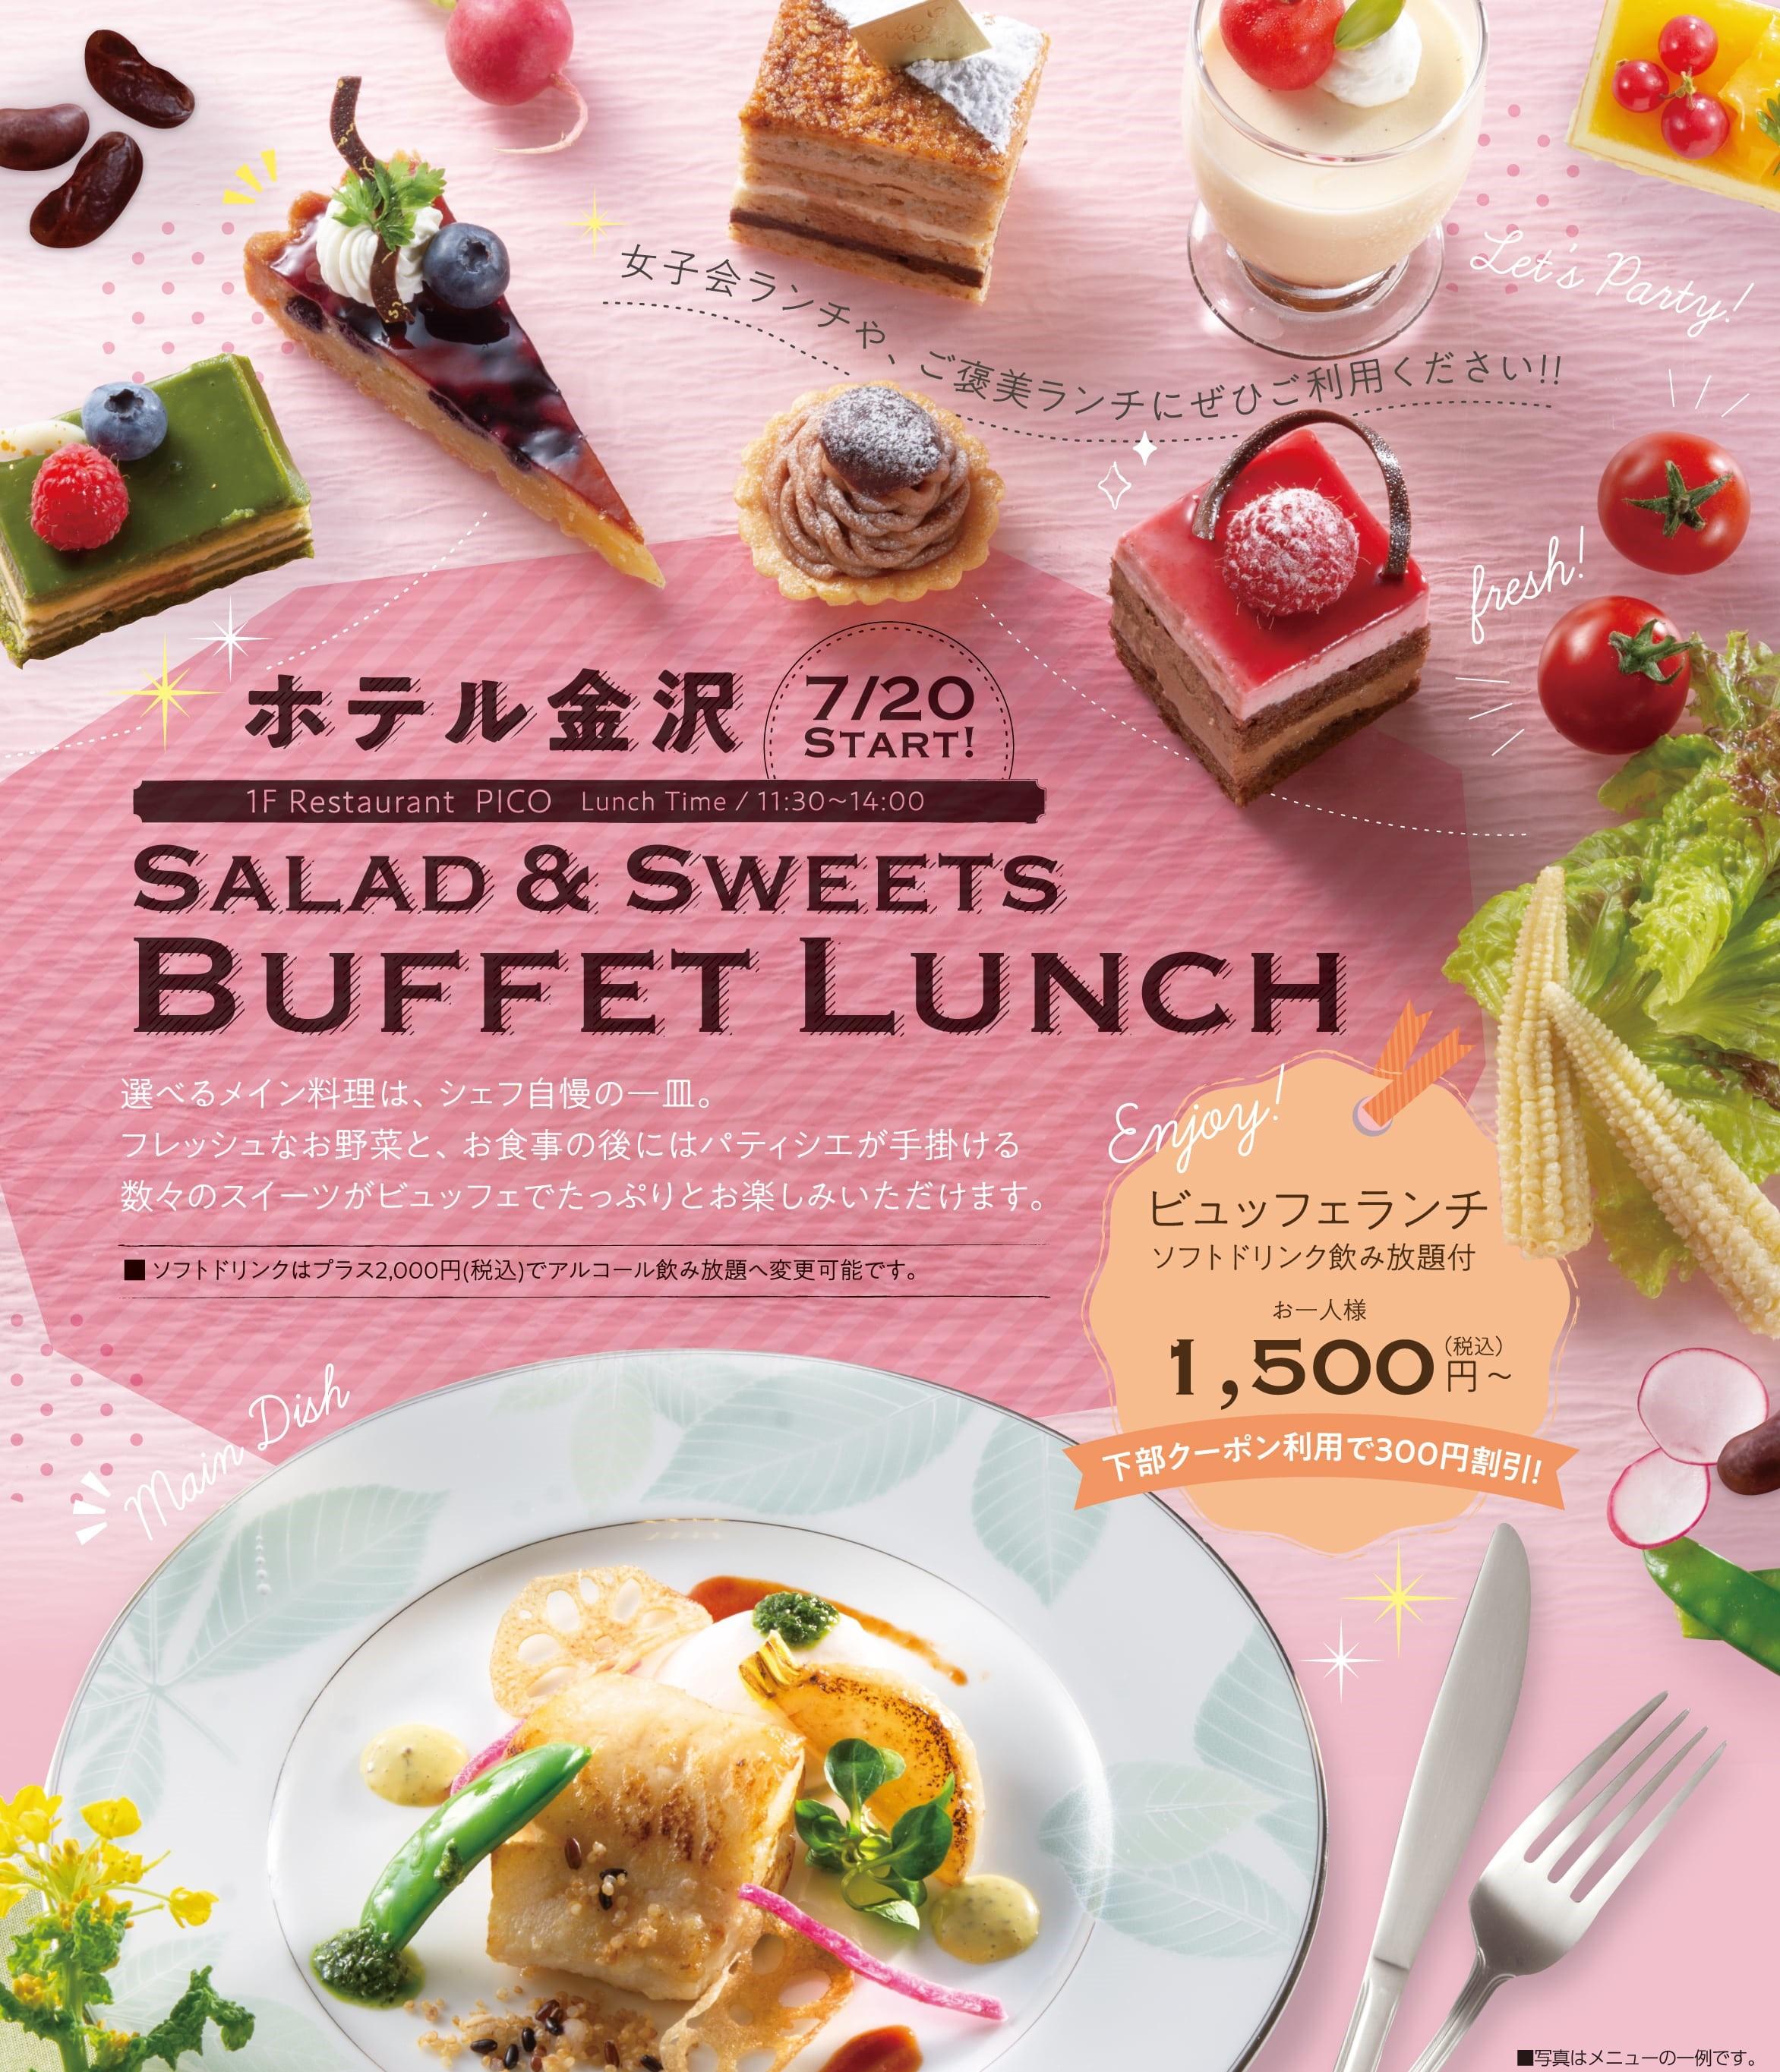 お知らせ|ホテル金沢【公式】金沢のご宿泊ブライダル